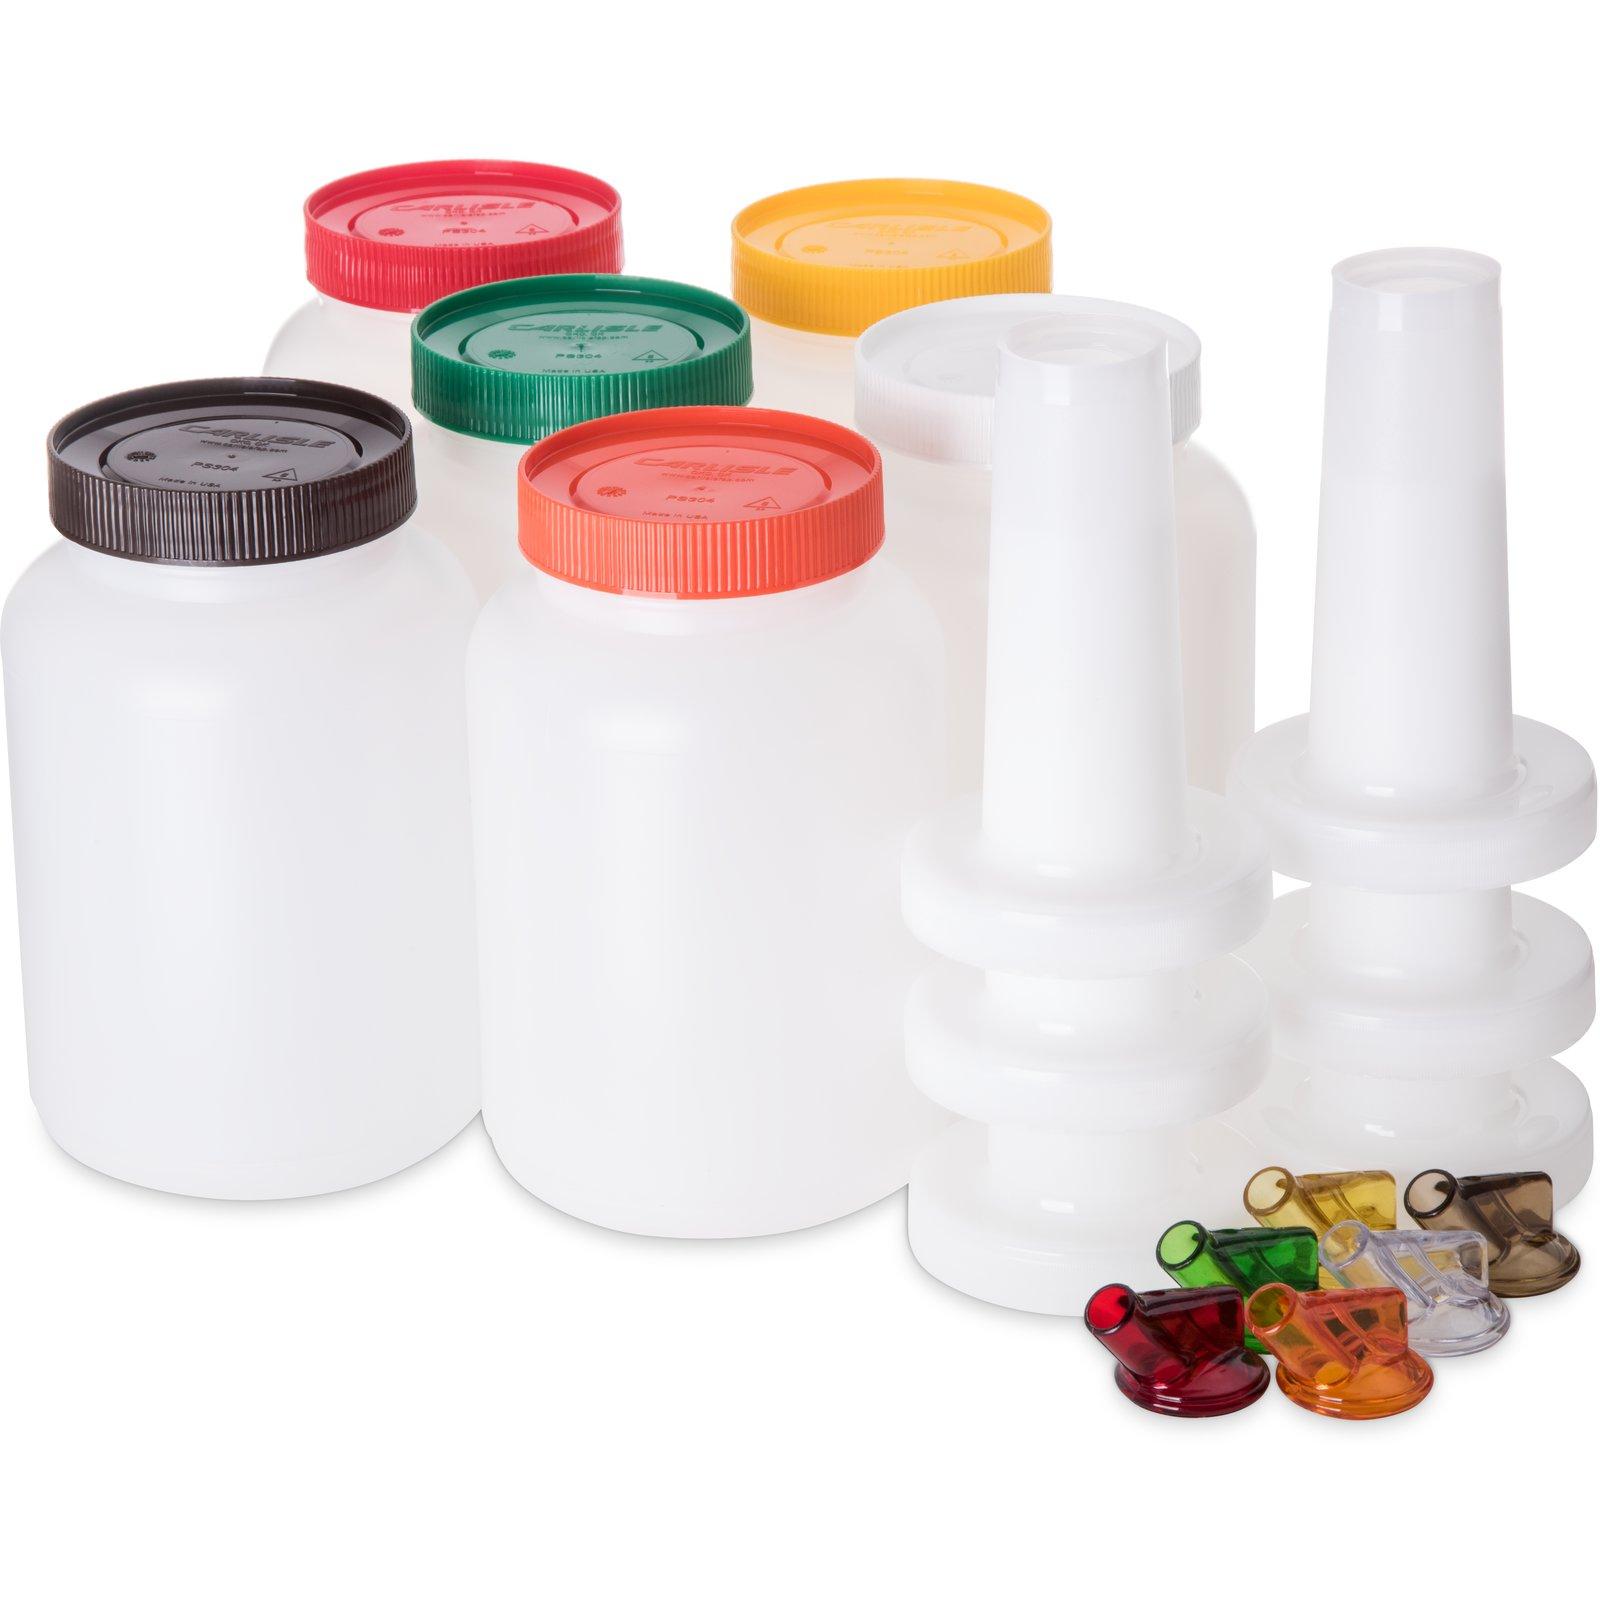 91c2b7e265c8 PS701B00 - Stor N' Pour® Half Gallon Complete Assortment contains 1 ...